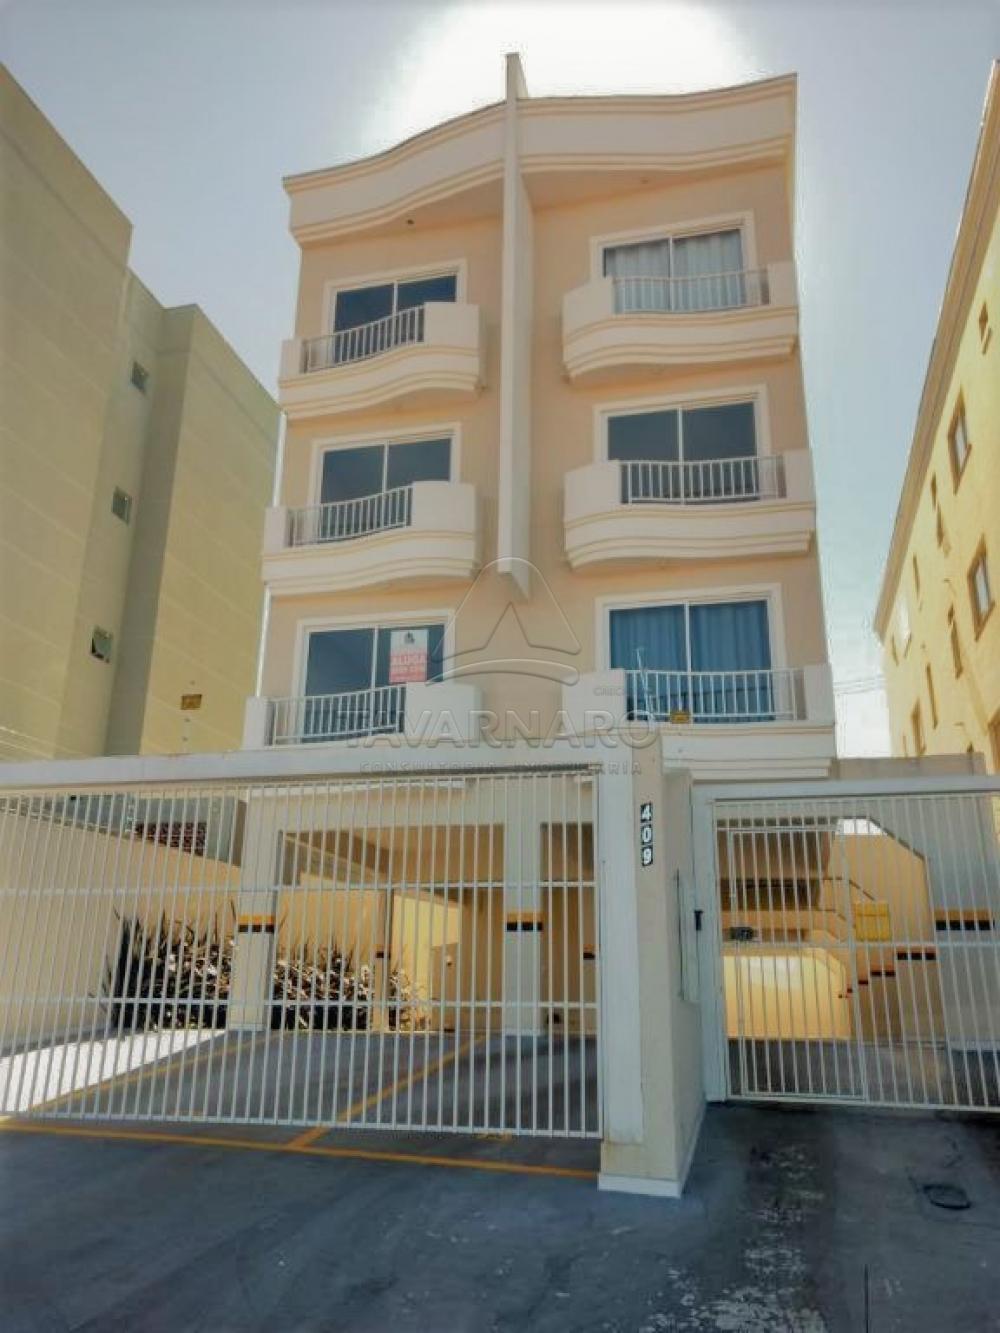 Comprar Apartamento / Padrão em Ponta Grossa apenas R$ 130.000,00 - Foto 1